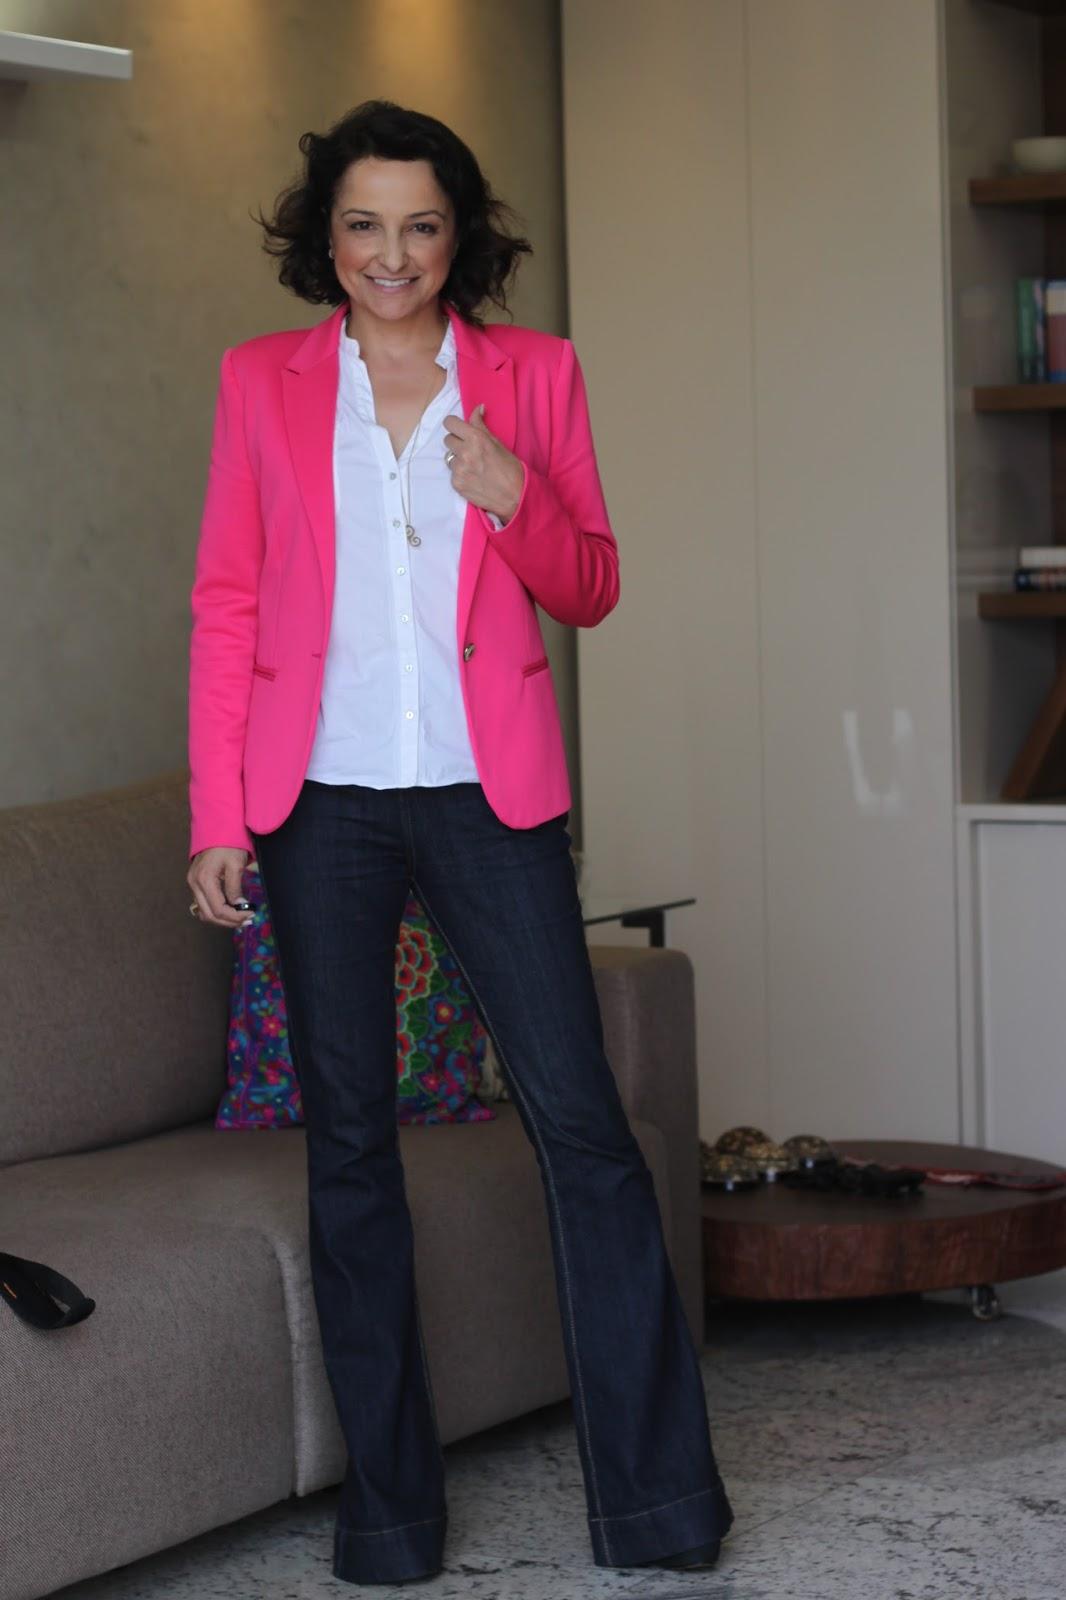 BRINCANDO DE MODINHA: Como Usar Blazer Rosa